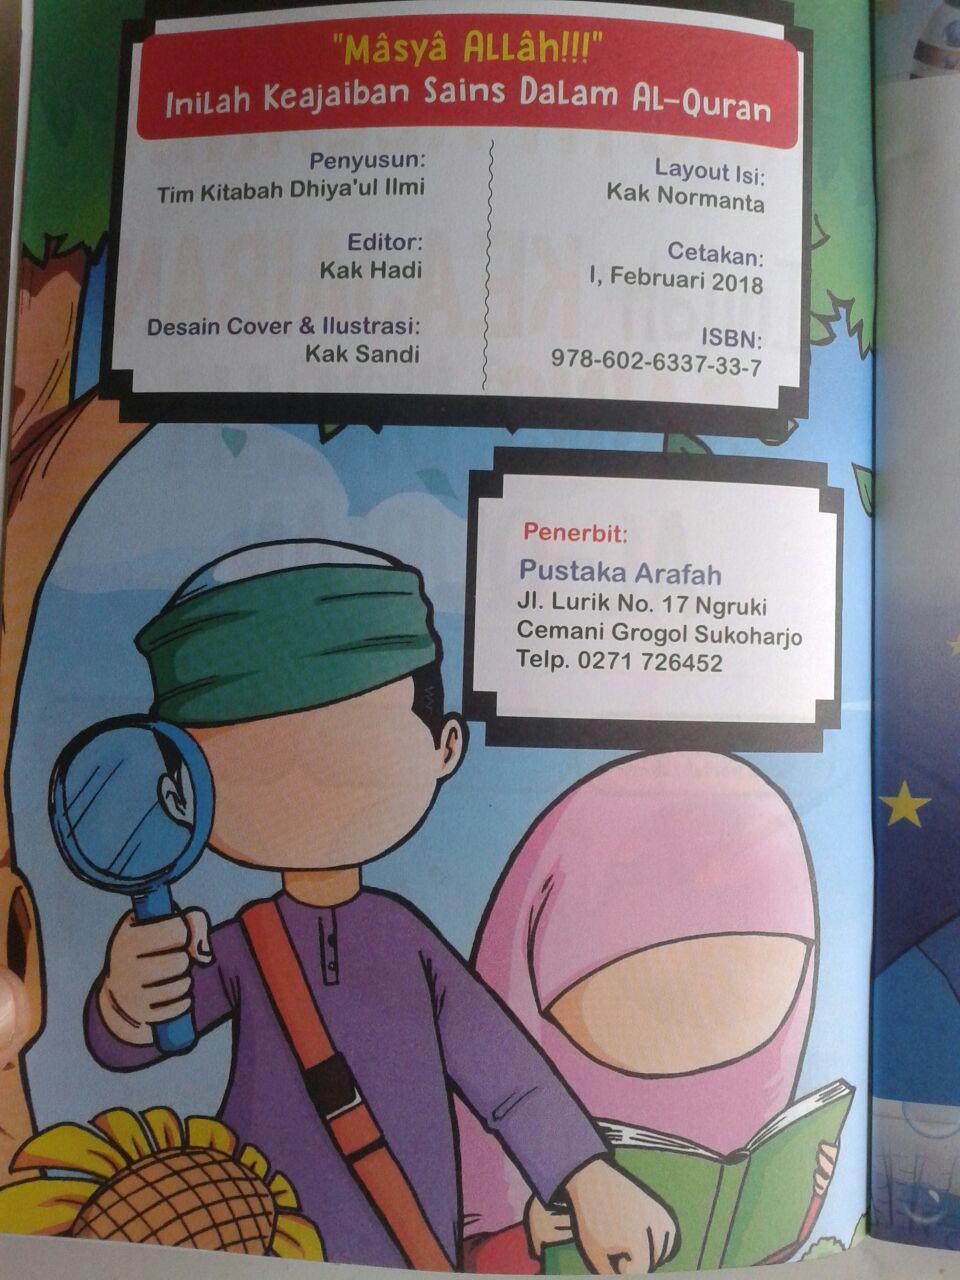 Buku Anak Masya Allah Inilah Keajaiban Sains Dalam Al-Qur'an isi